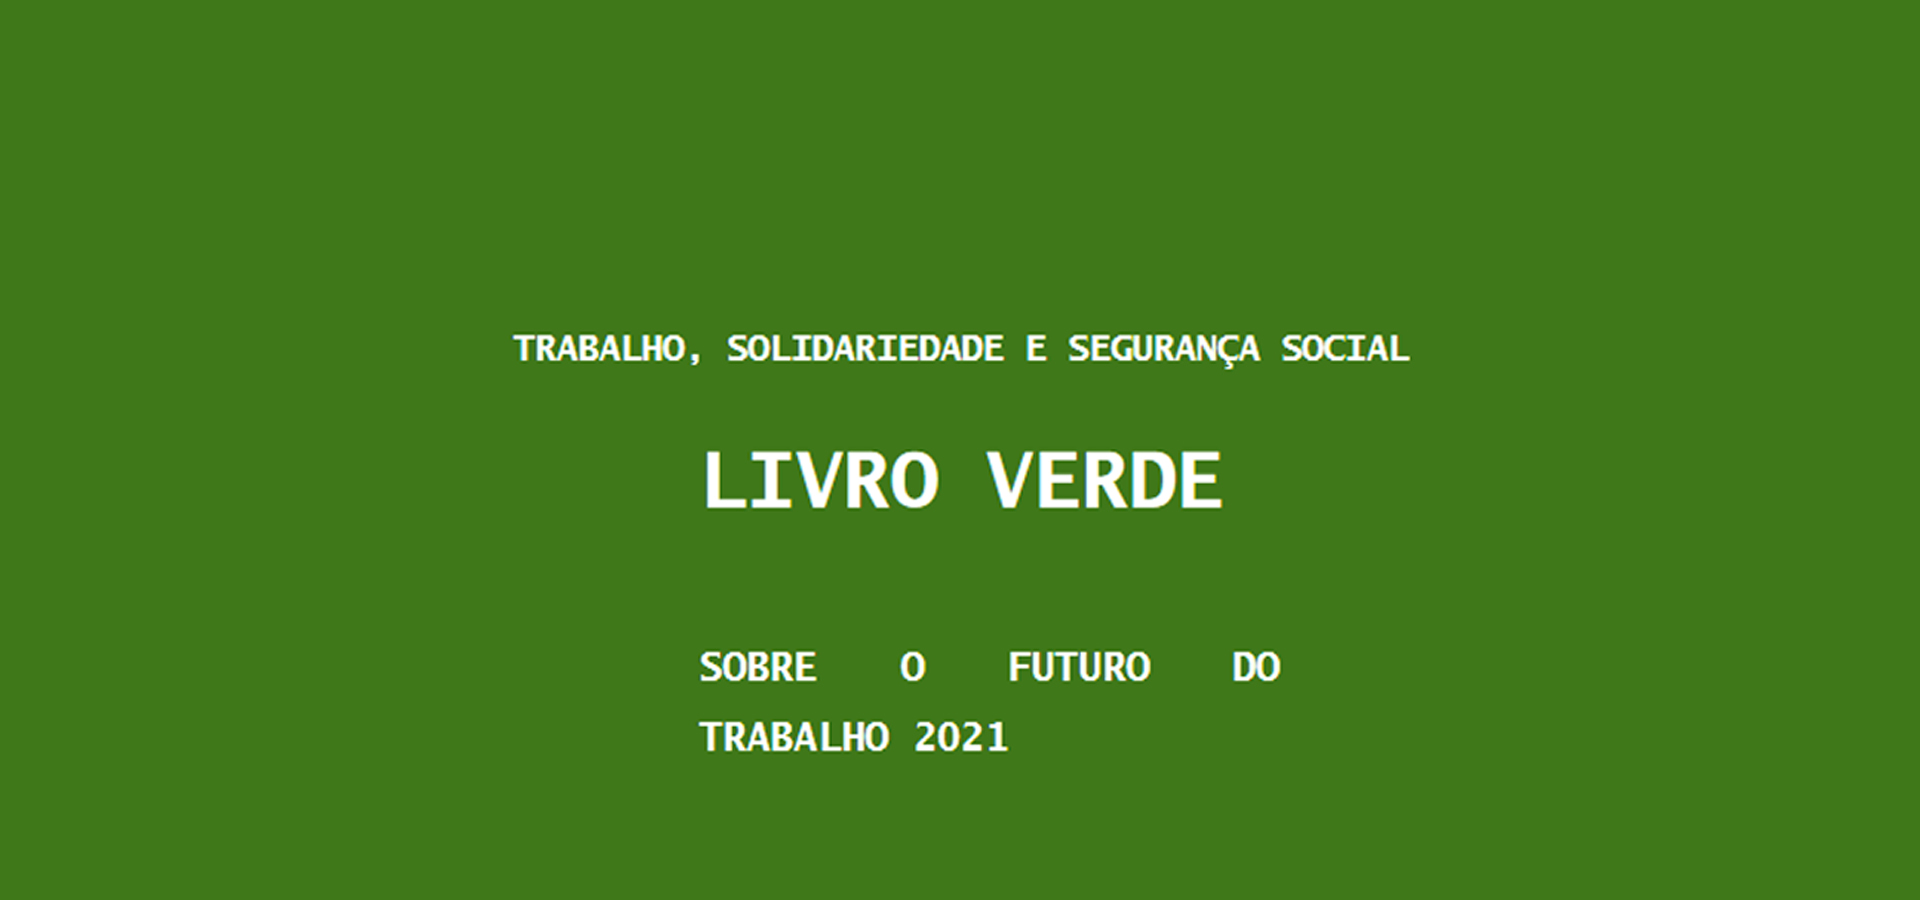 Livro Verde sobre o Futuro do Trabalho